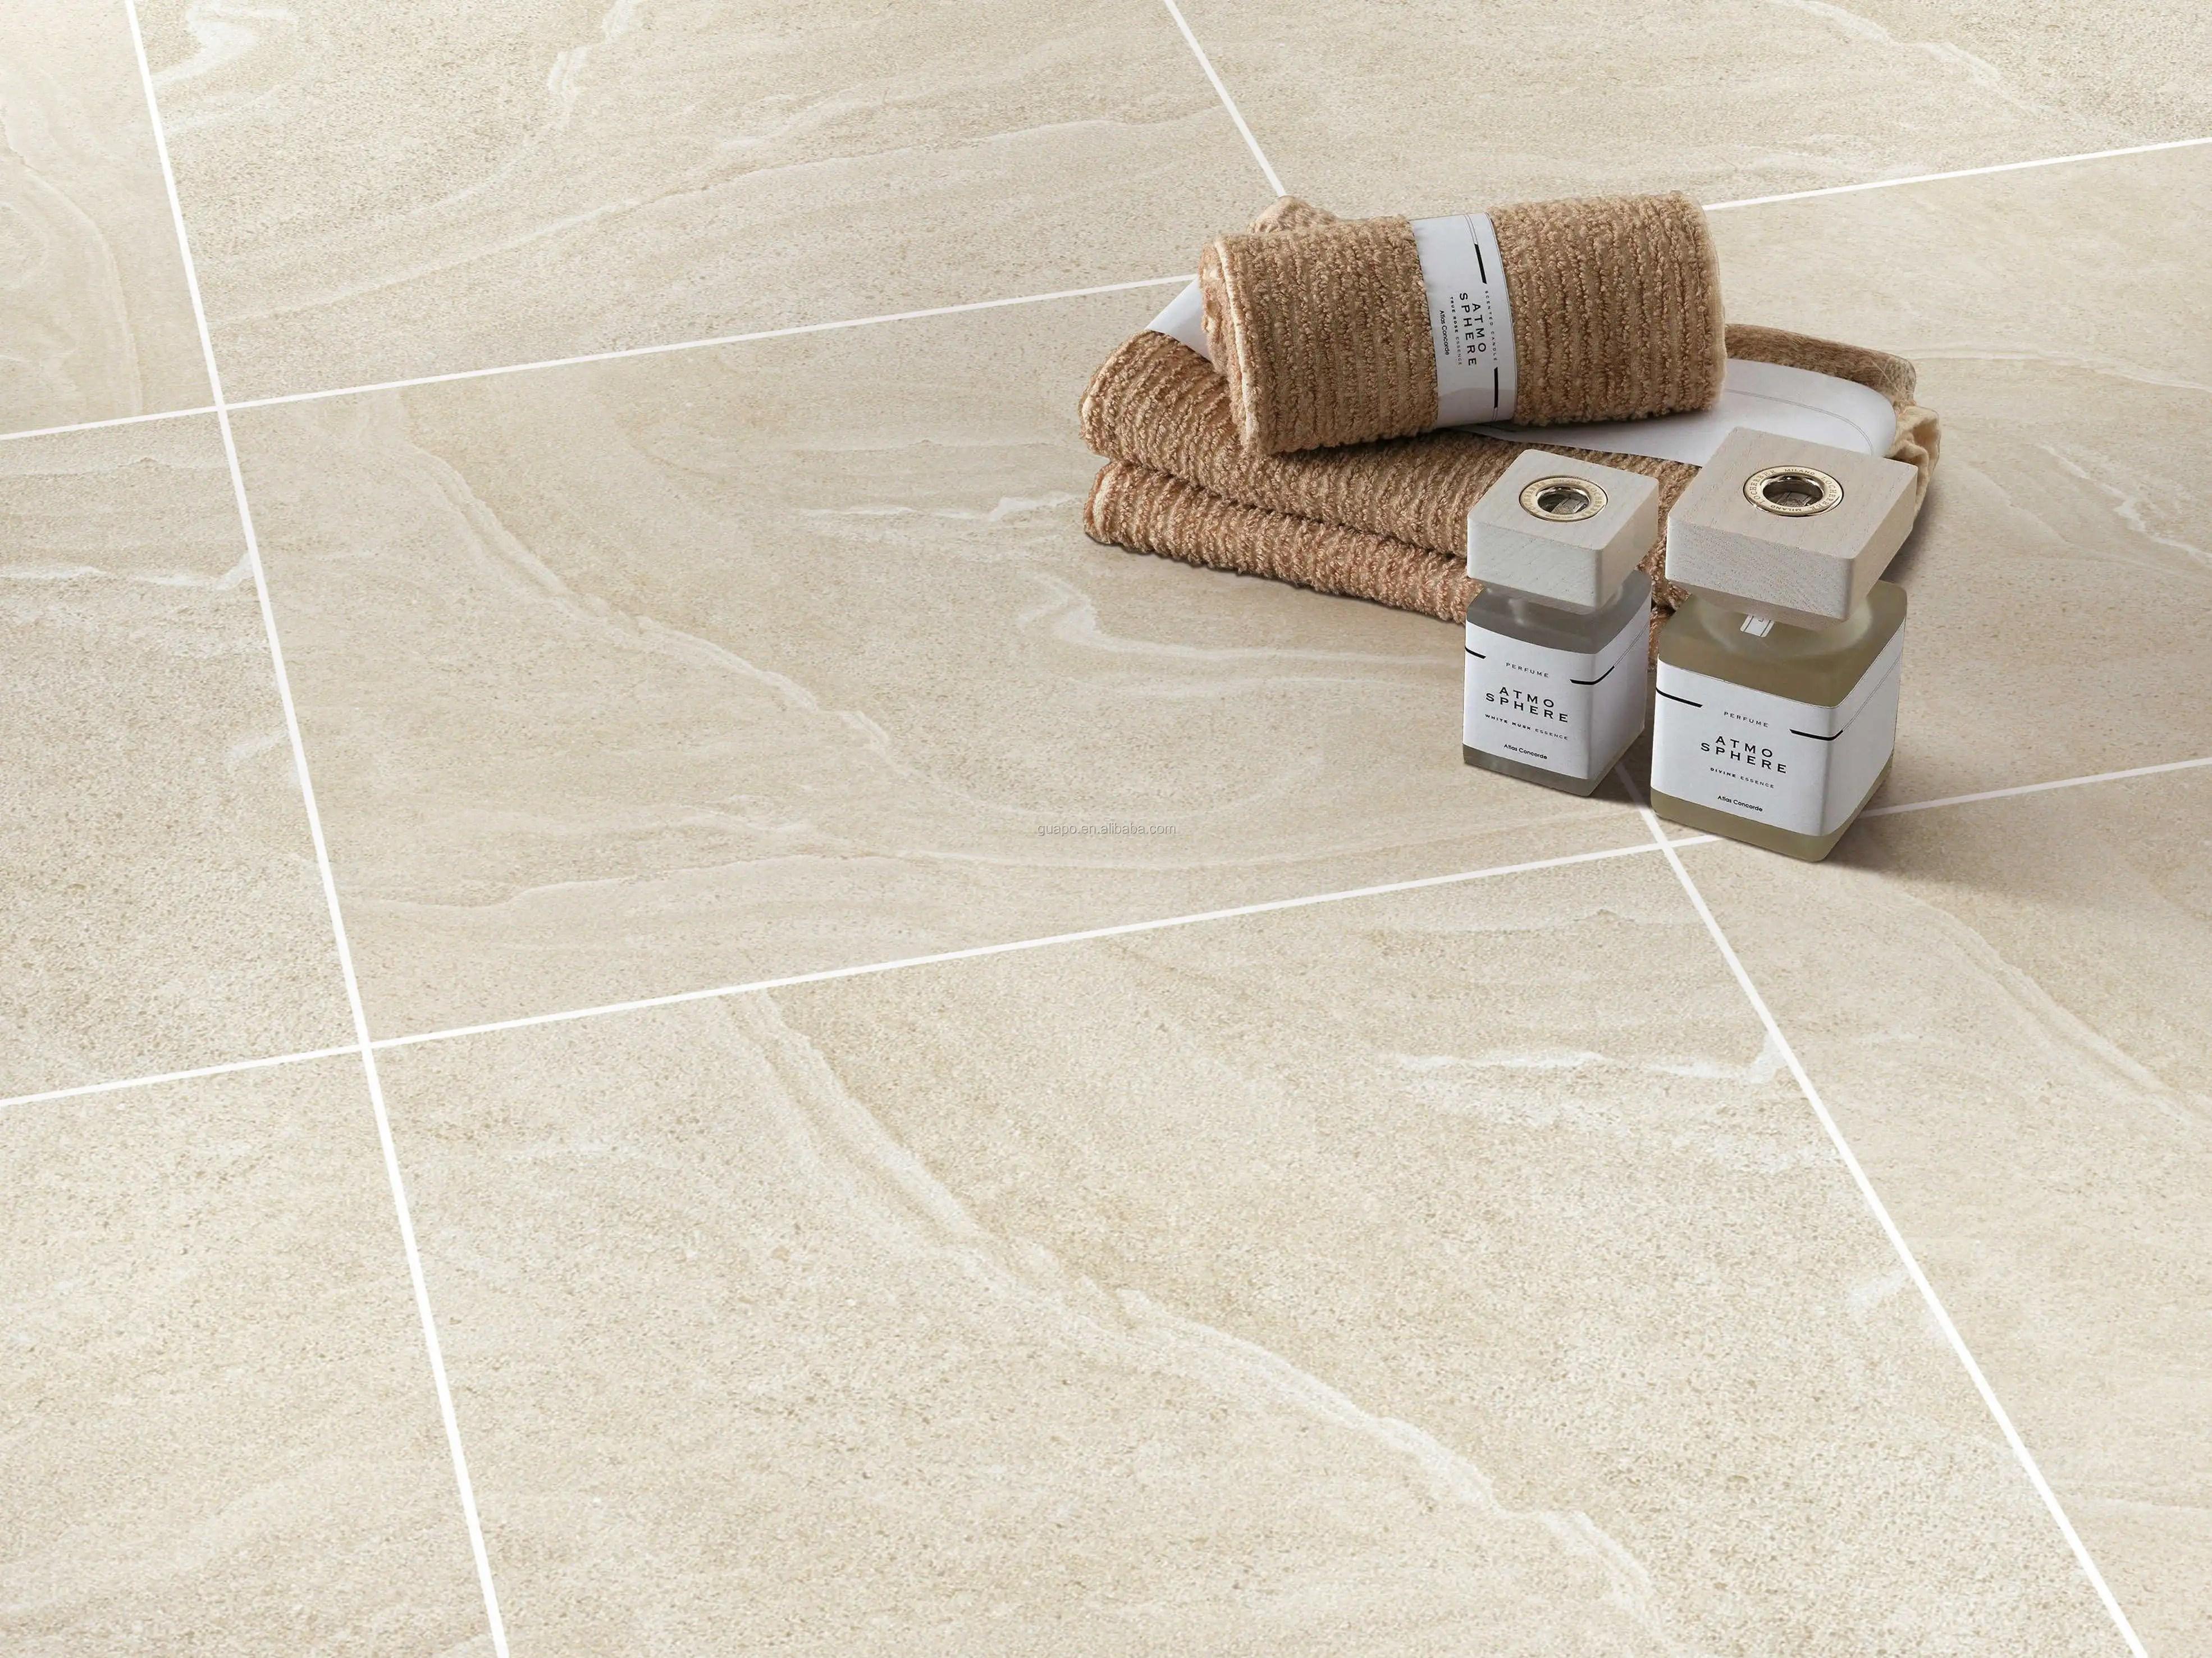 16x16 ceramic floor tile white ceramic tile 12x12 best cleaner for ceramic tile and grou buy 16x16 ceramic floor tile white ceramic tile 12x12 best